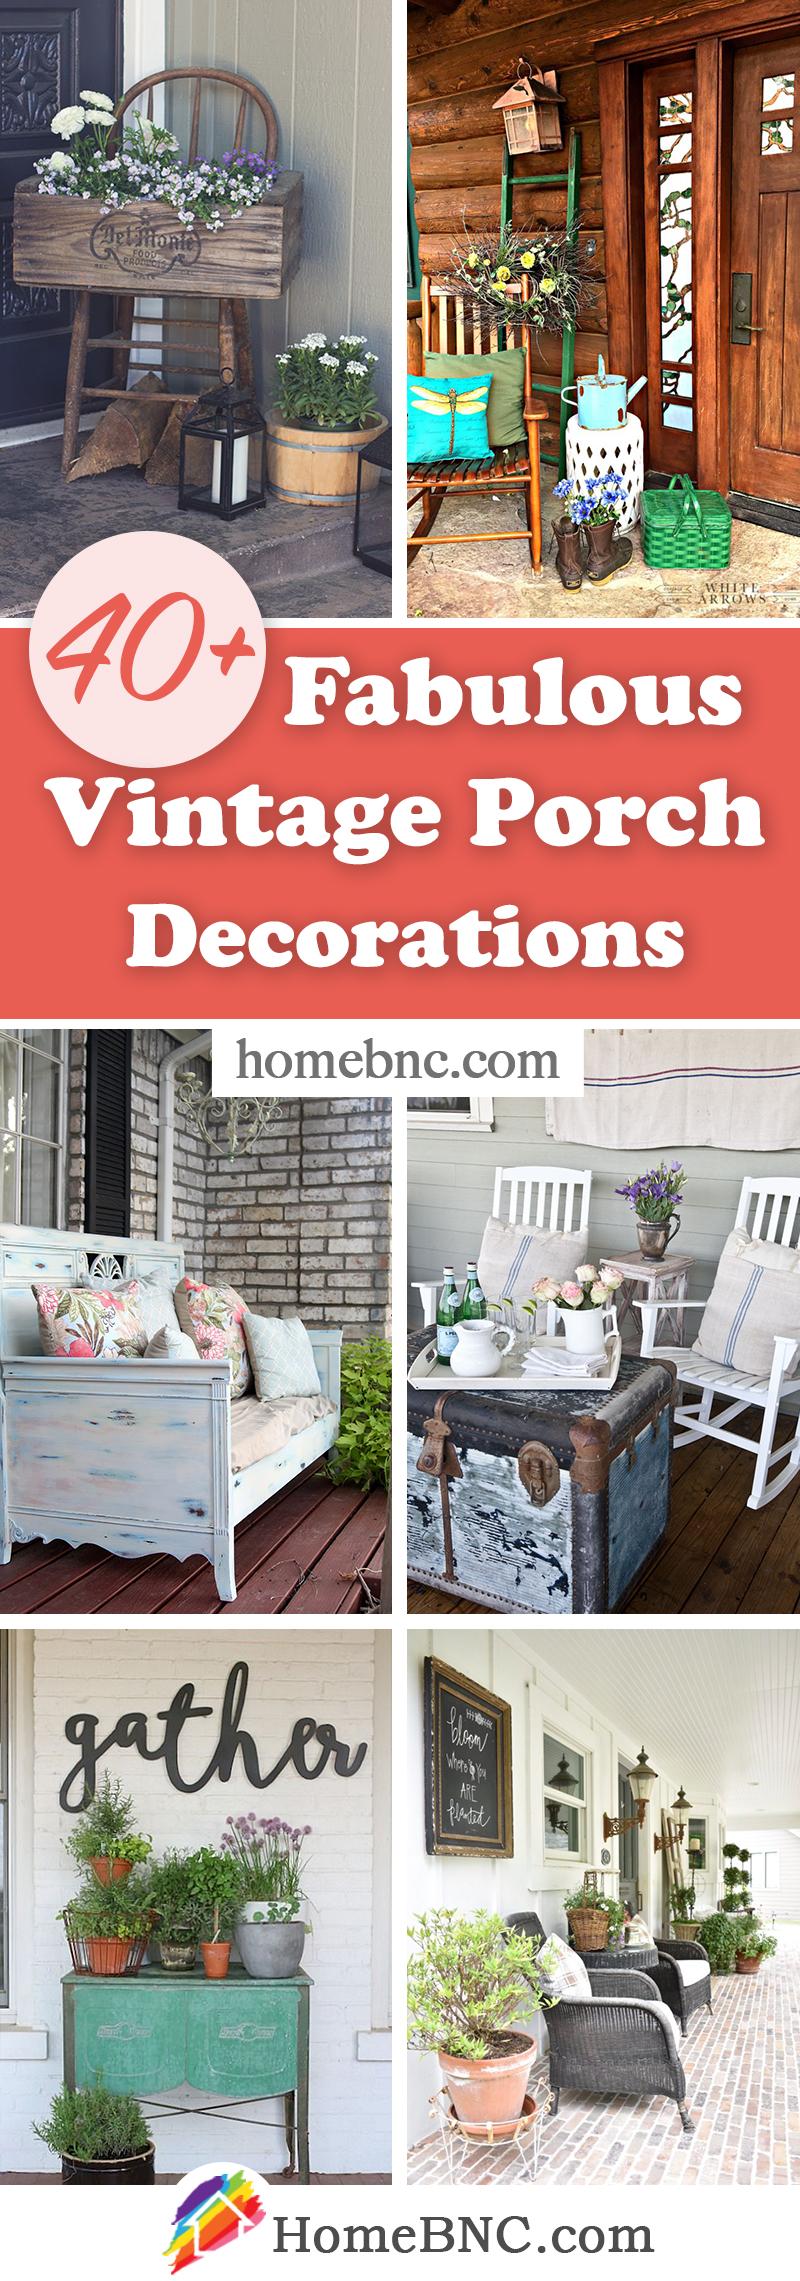 Idées de décoration de porche vintage